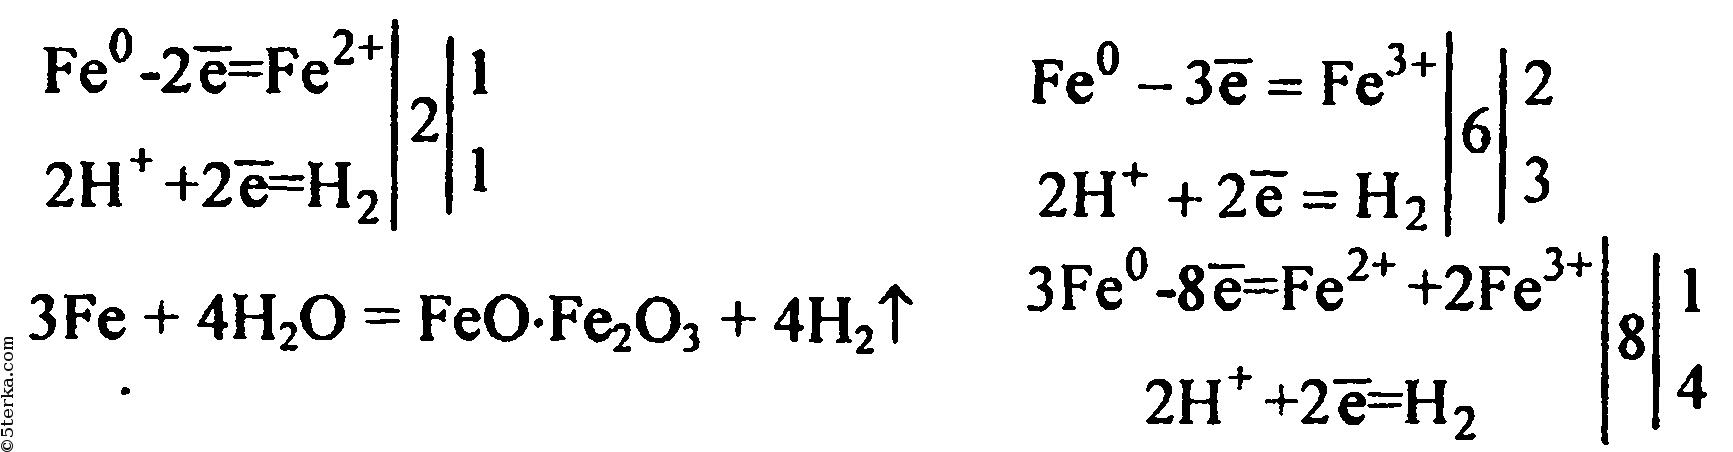 три атома железа отдают 8